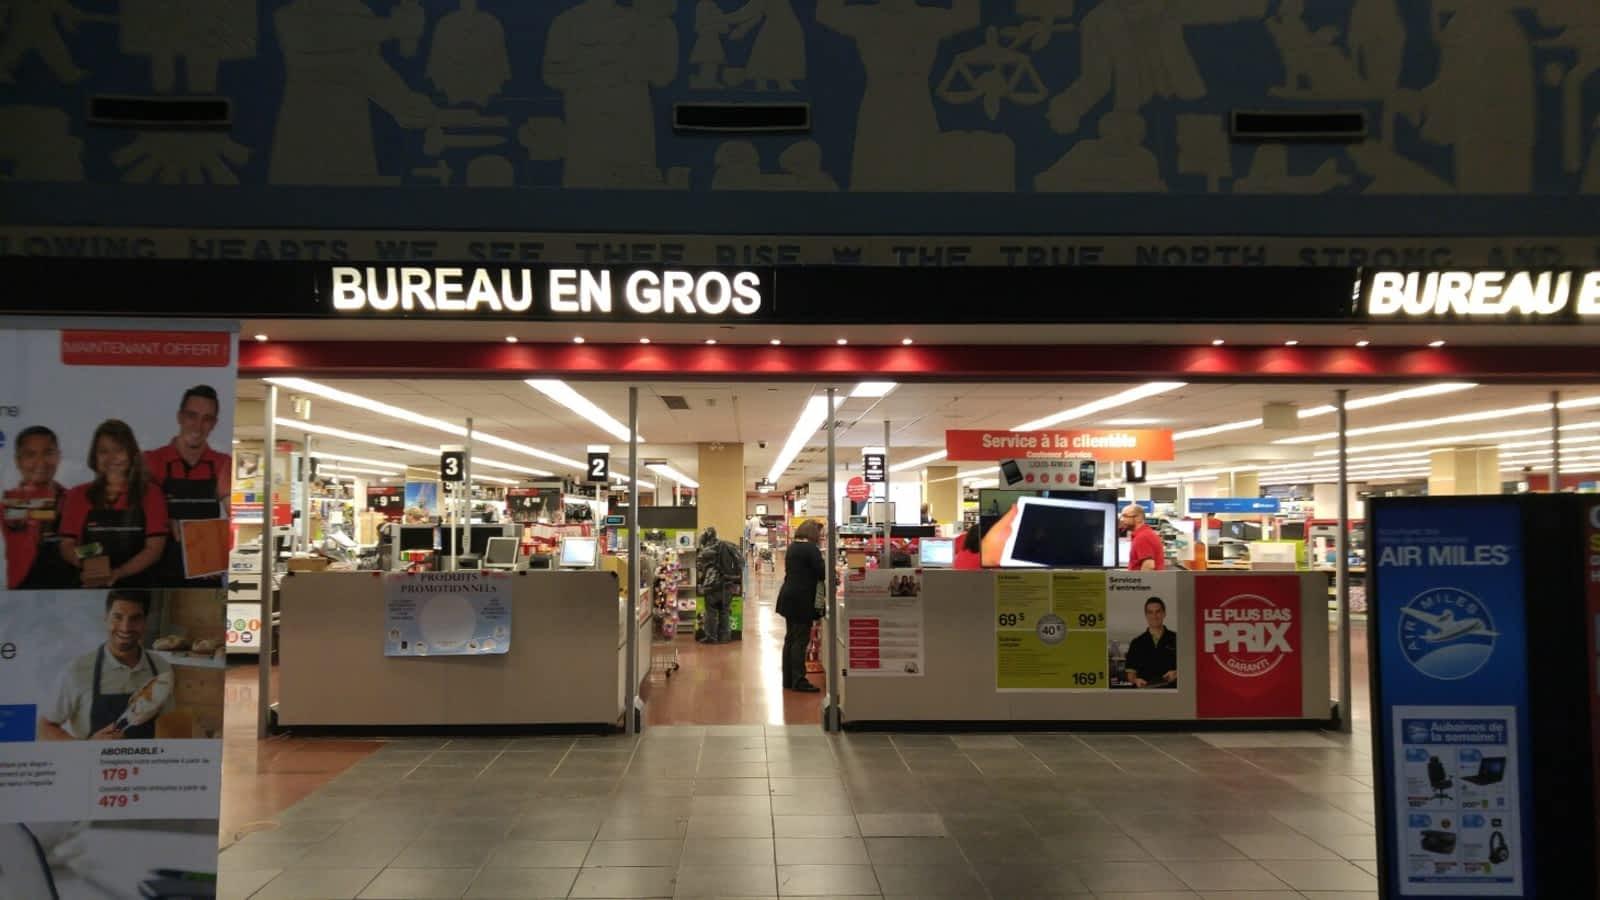 Bureau en gros joliette qc: le référendum du bloc québécois